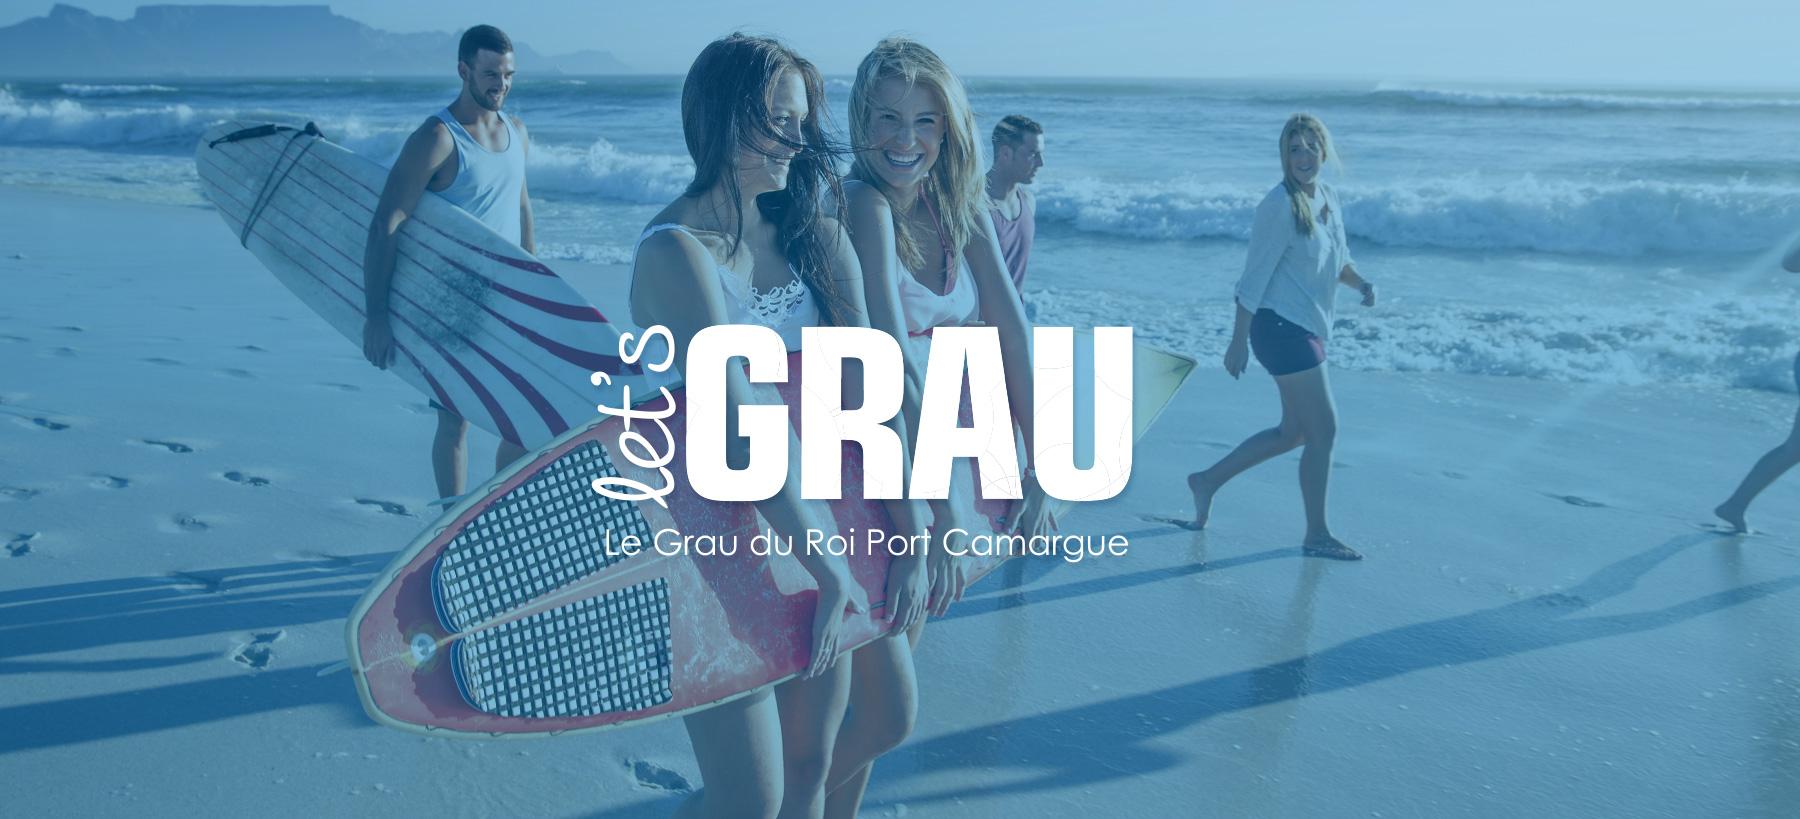 Directeur artistique freelance - Grau du roi - Site Internet